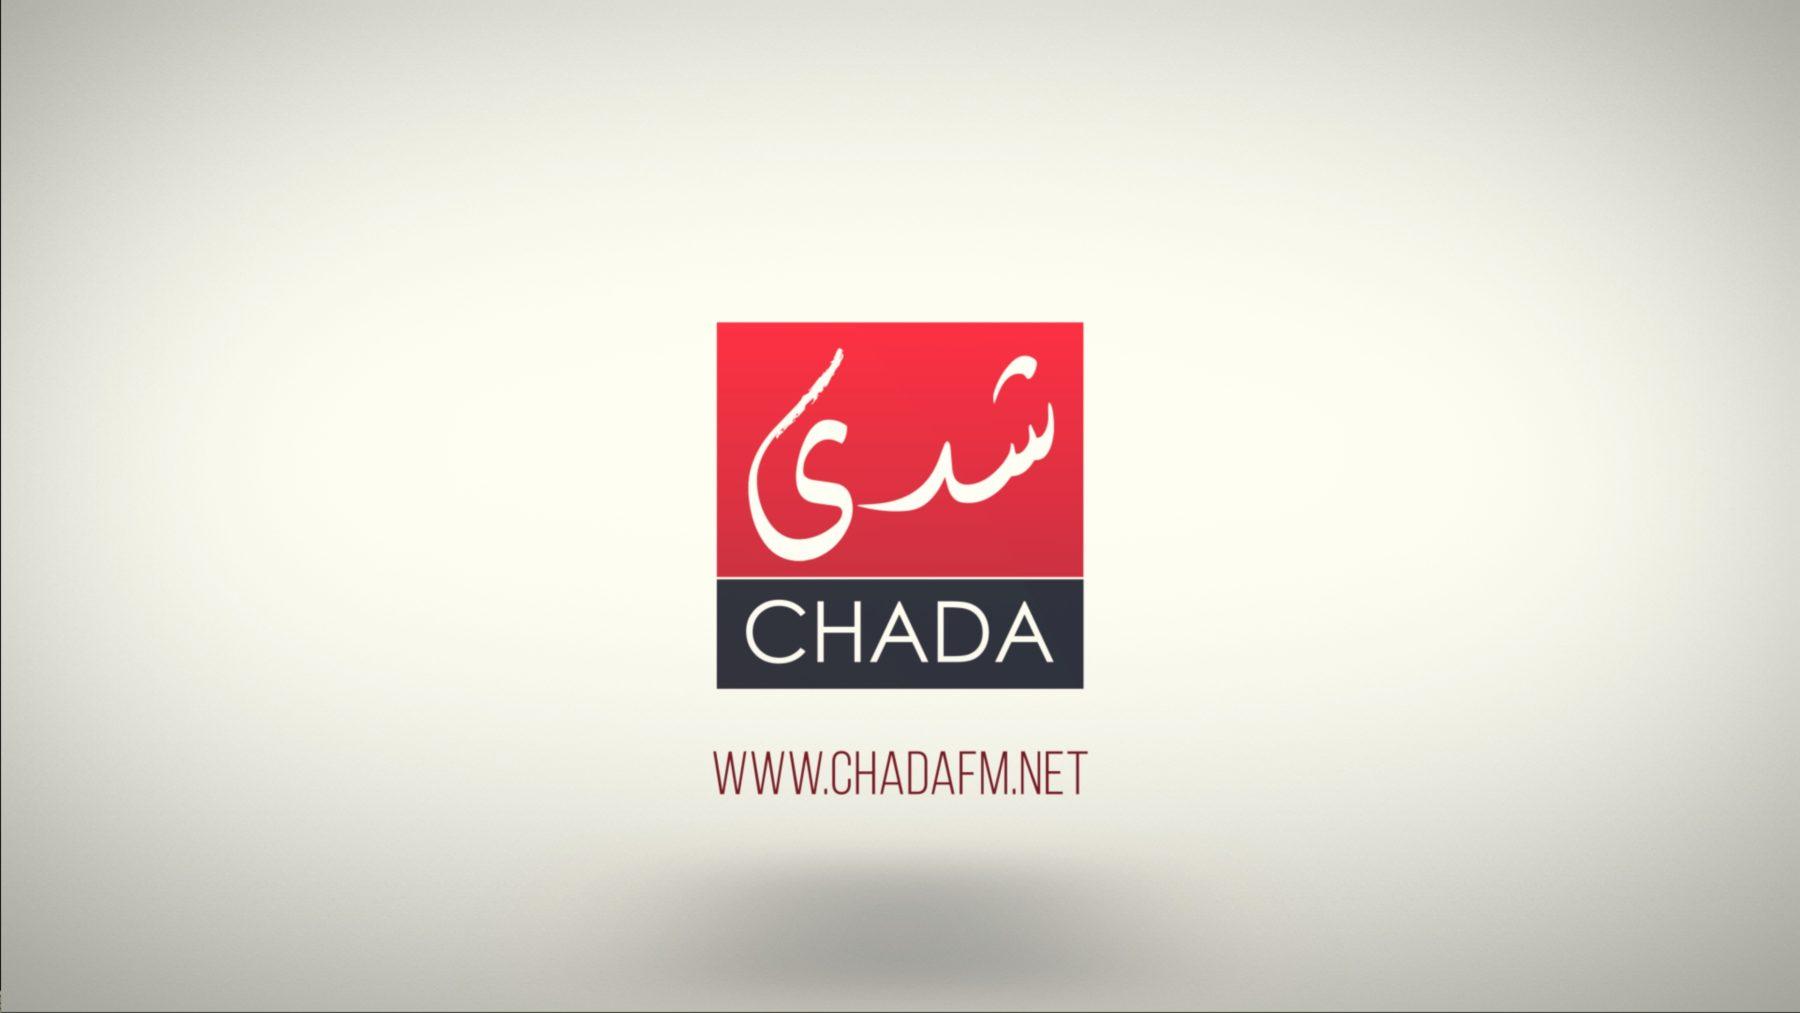 Station jingle chada tv marroco habillage Tv Maroc